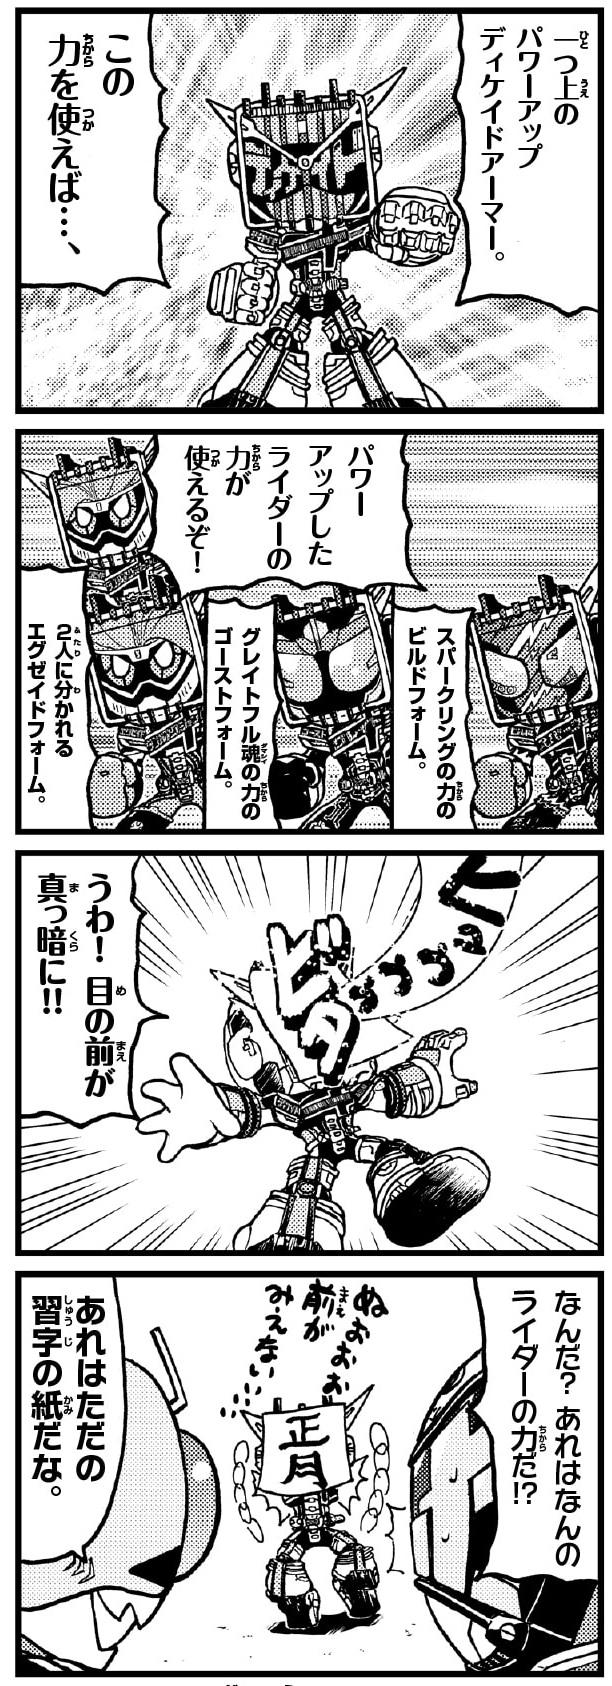 平成&昭和の仮面ライダー4コマ漫画『ガンバライジング!!』2:ディケイドアーマー 1コマ目